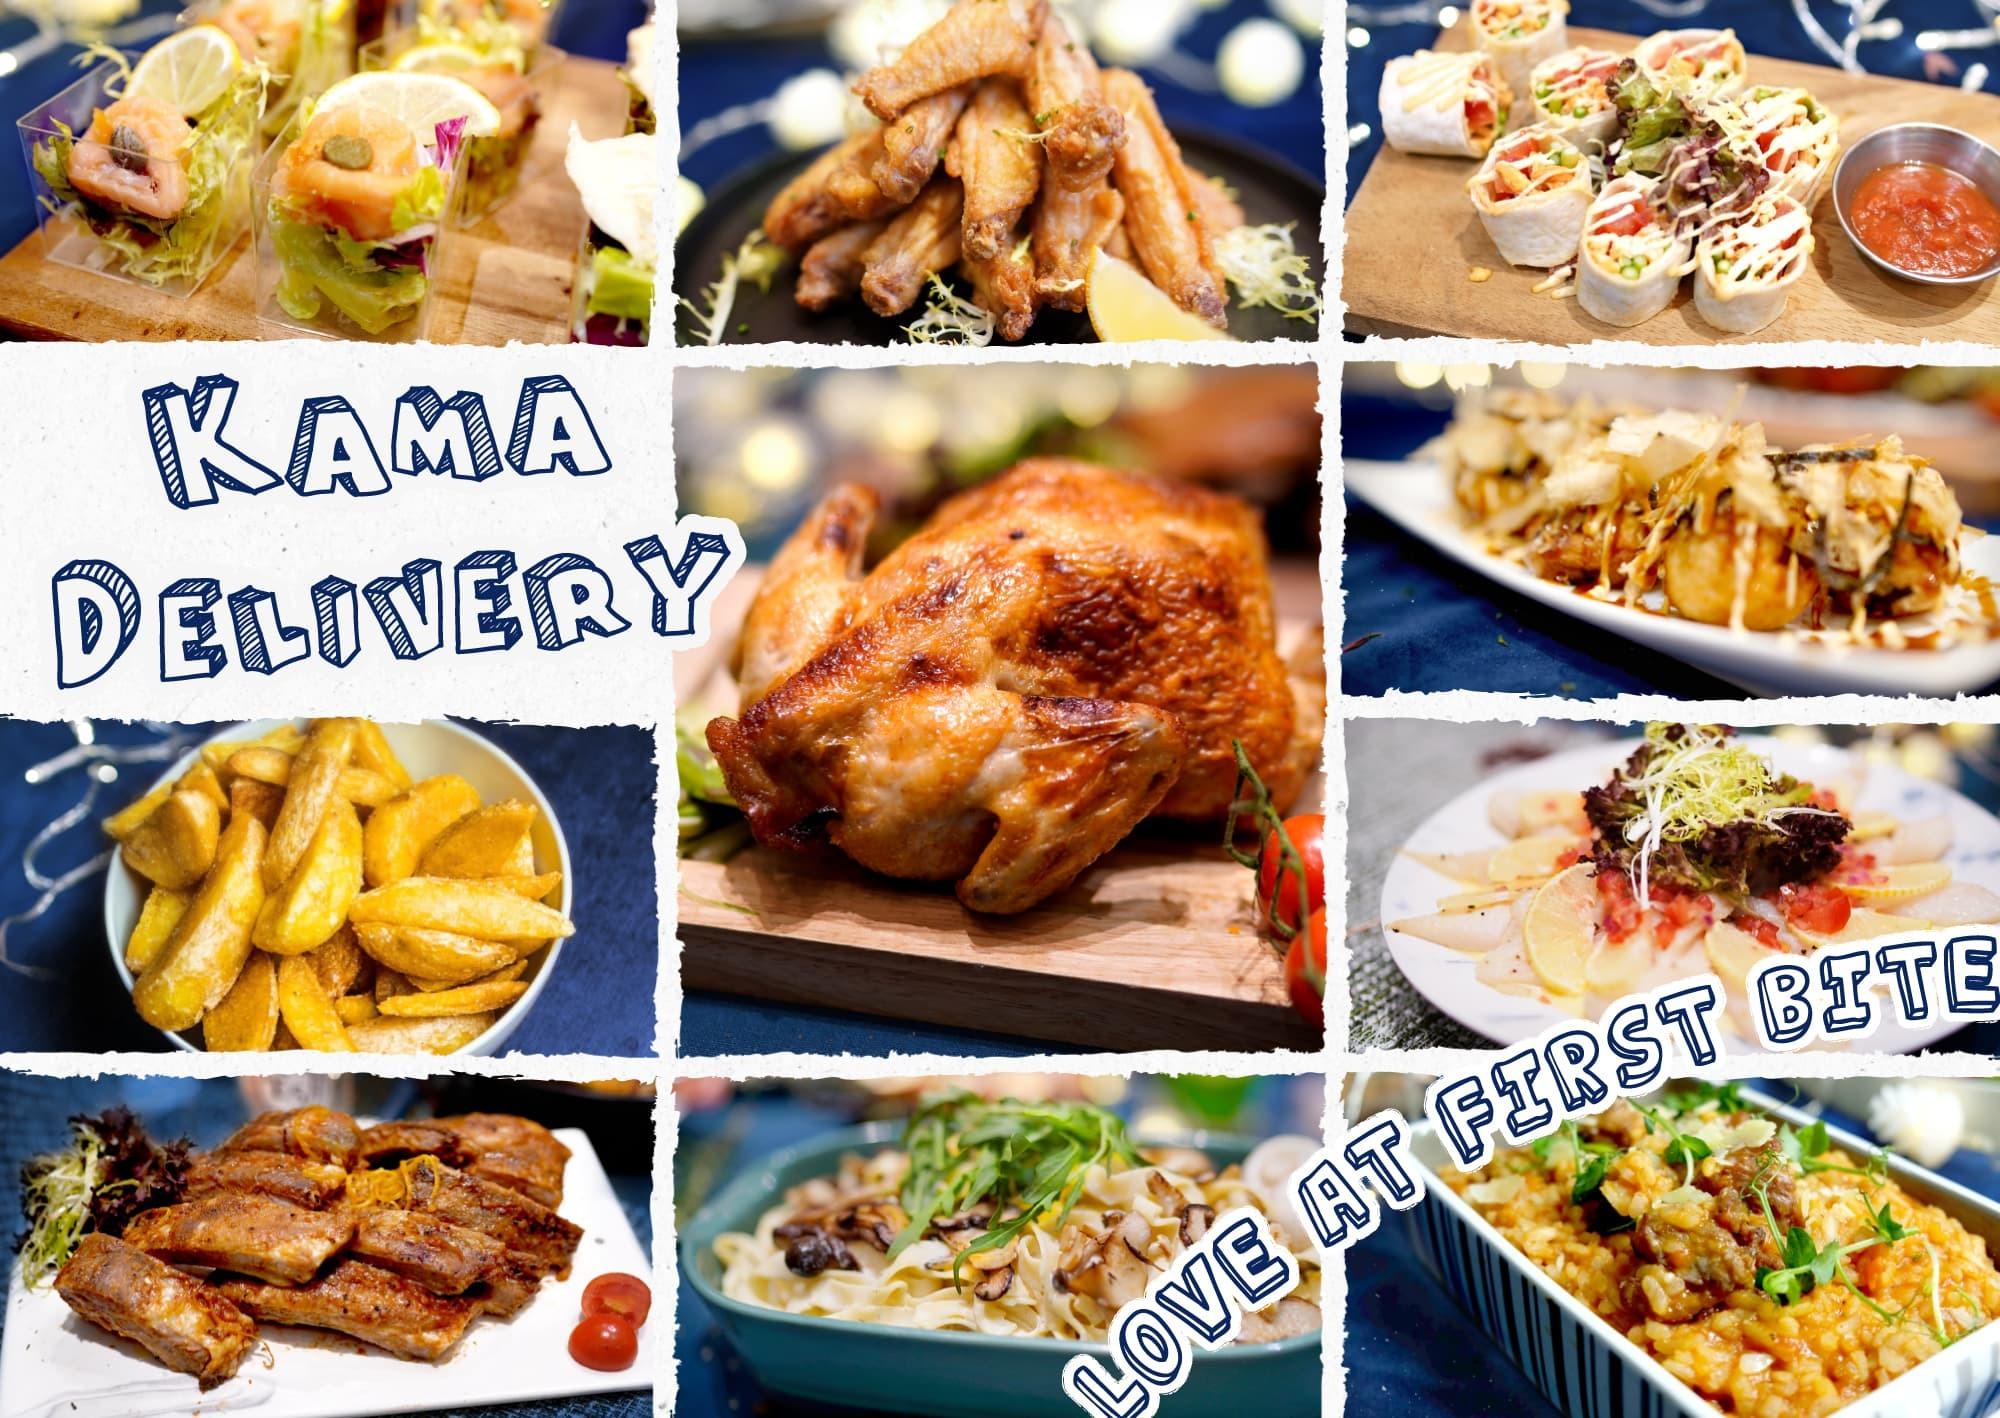 17人外賣套餐推介|Kama Delivery直送餐單|精選自選人數餐|全港免費送貨